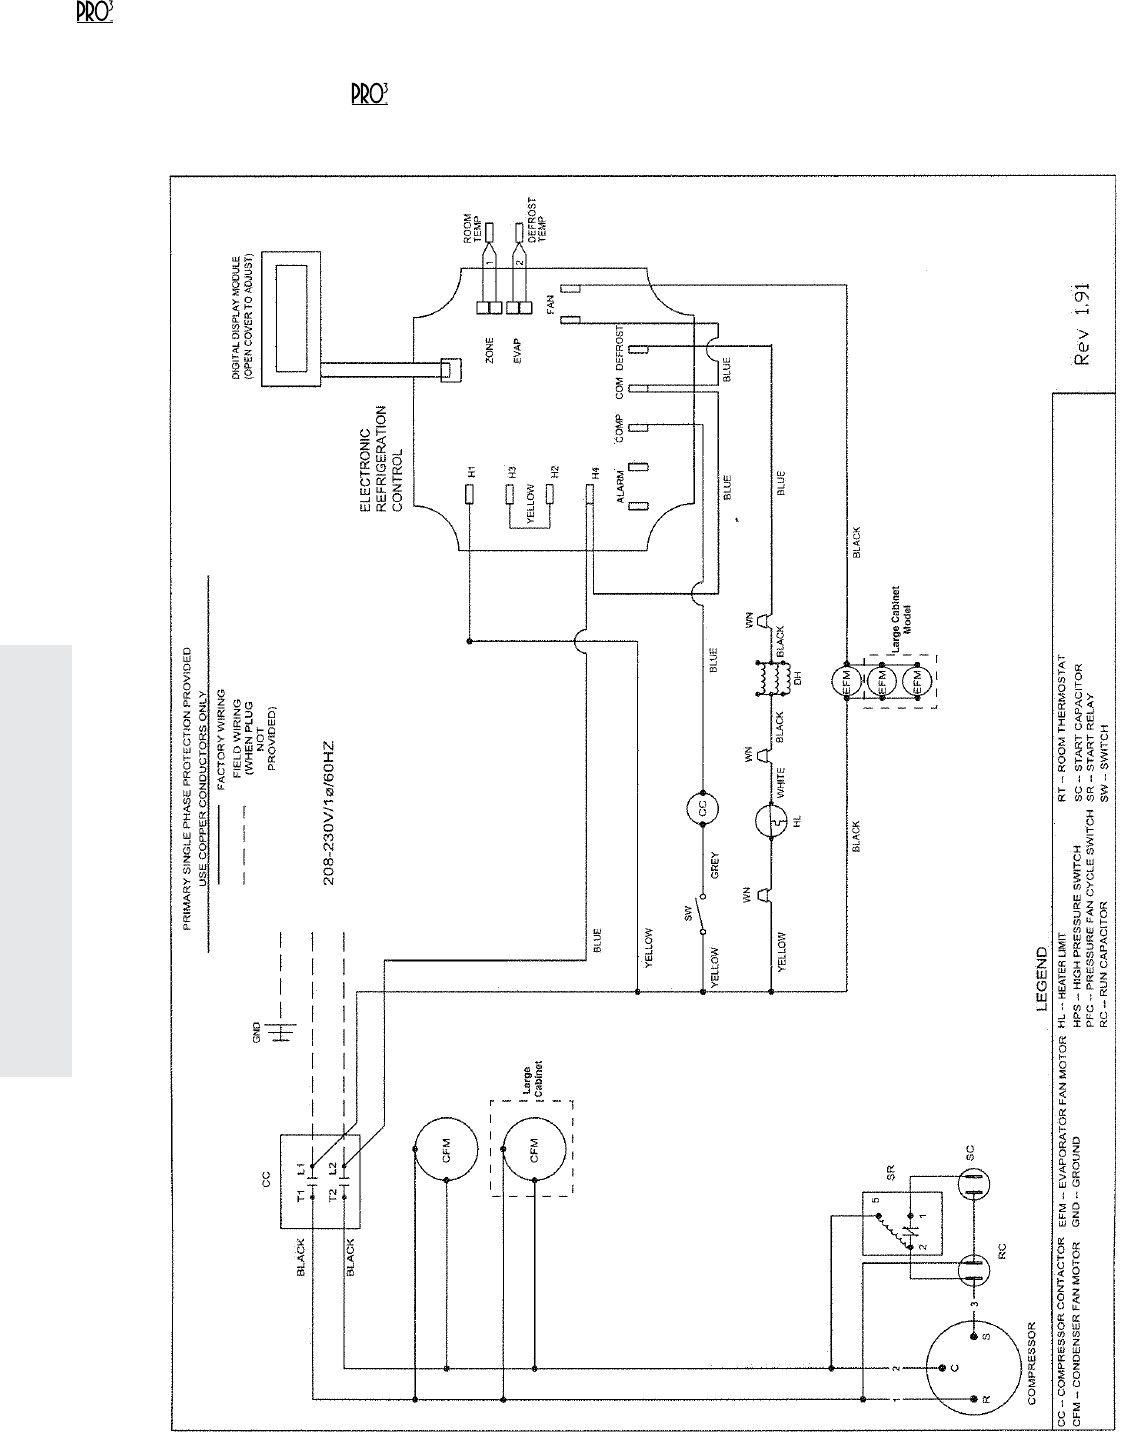 medium resolution of heatcraft evaporator wiring diagram 220 library of wiring diagram in heatcraft evaporator wiring diagram